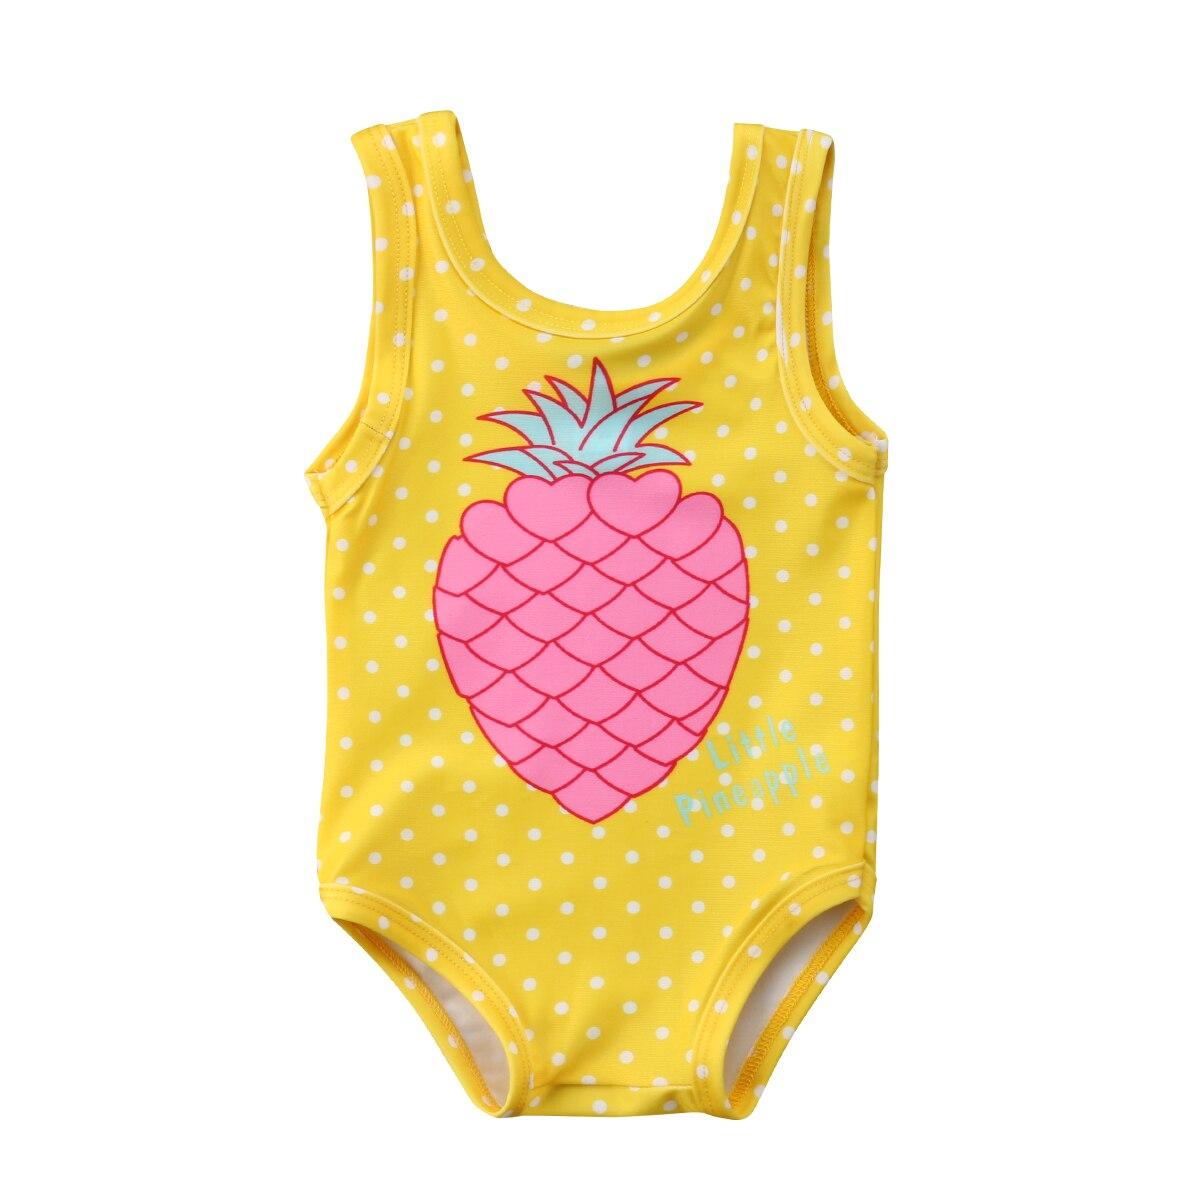 2018 Baby Mädchen Ananas Badeanzug Badeanzug Bademode Bademode Sport Gelb Einteiliges Für Kinder Baby Mädchen Kleidung